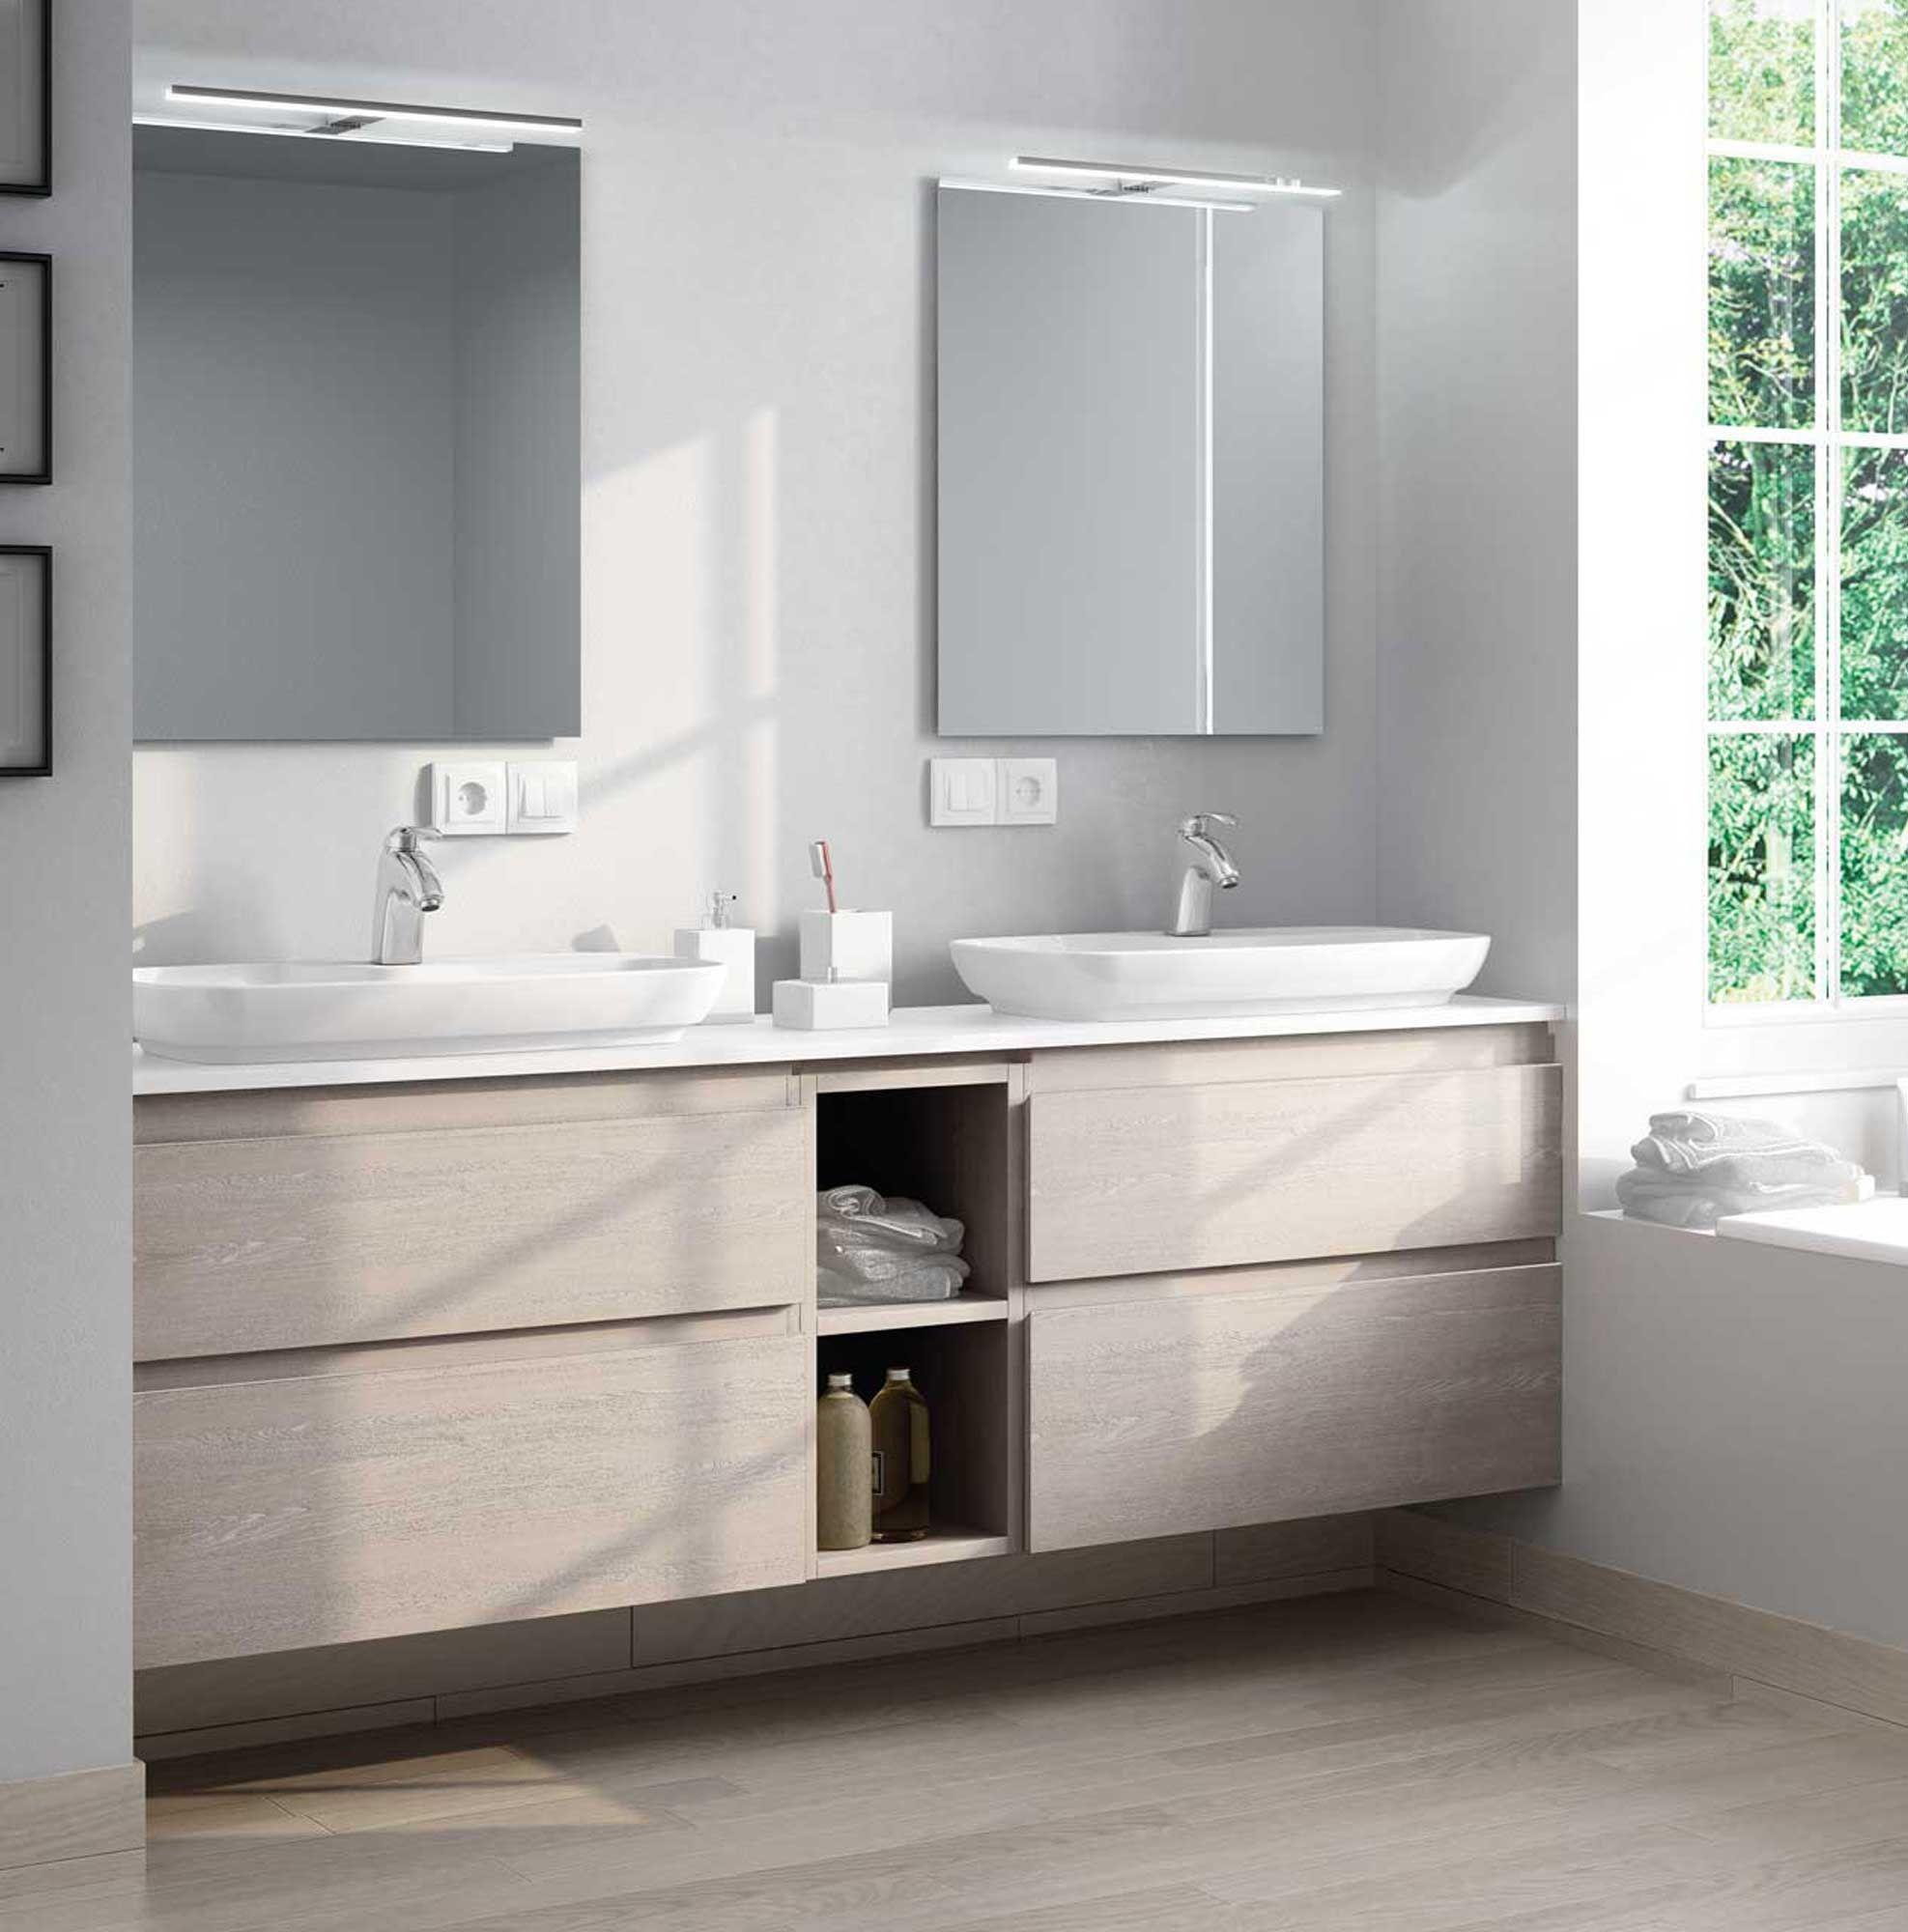 Muebles de baño de diseño moderno y contemporáneo. Muebles de baño  fabricados para proyectos a 547227a52363